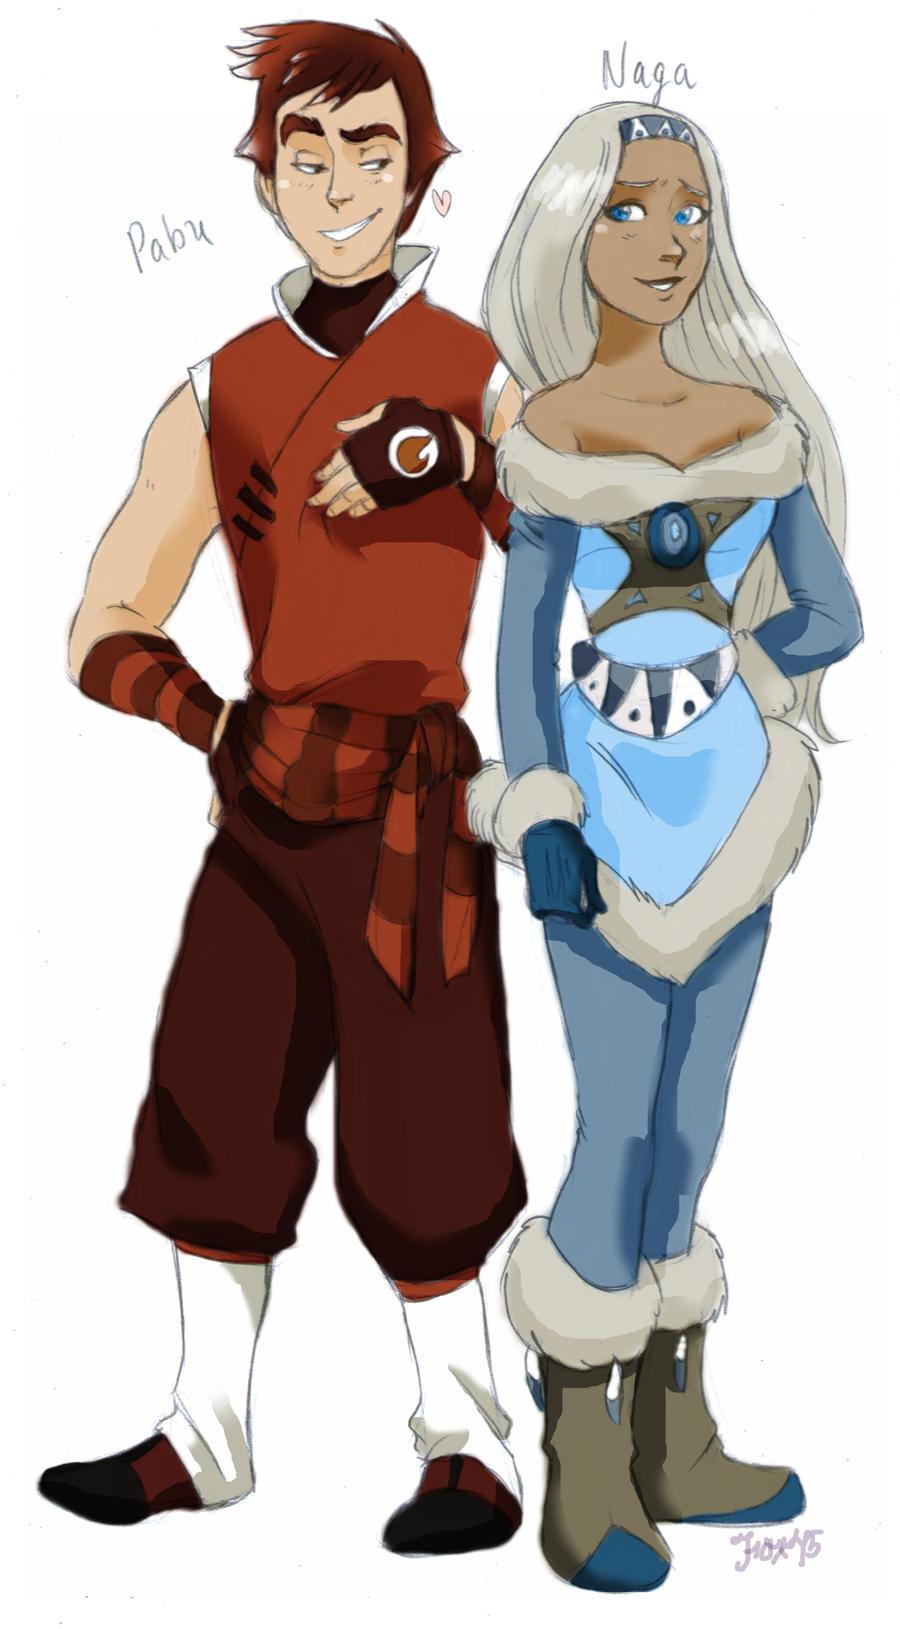 Pabu and Naga by Foxsnout45